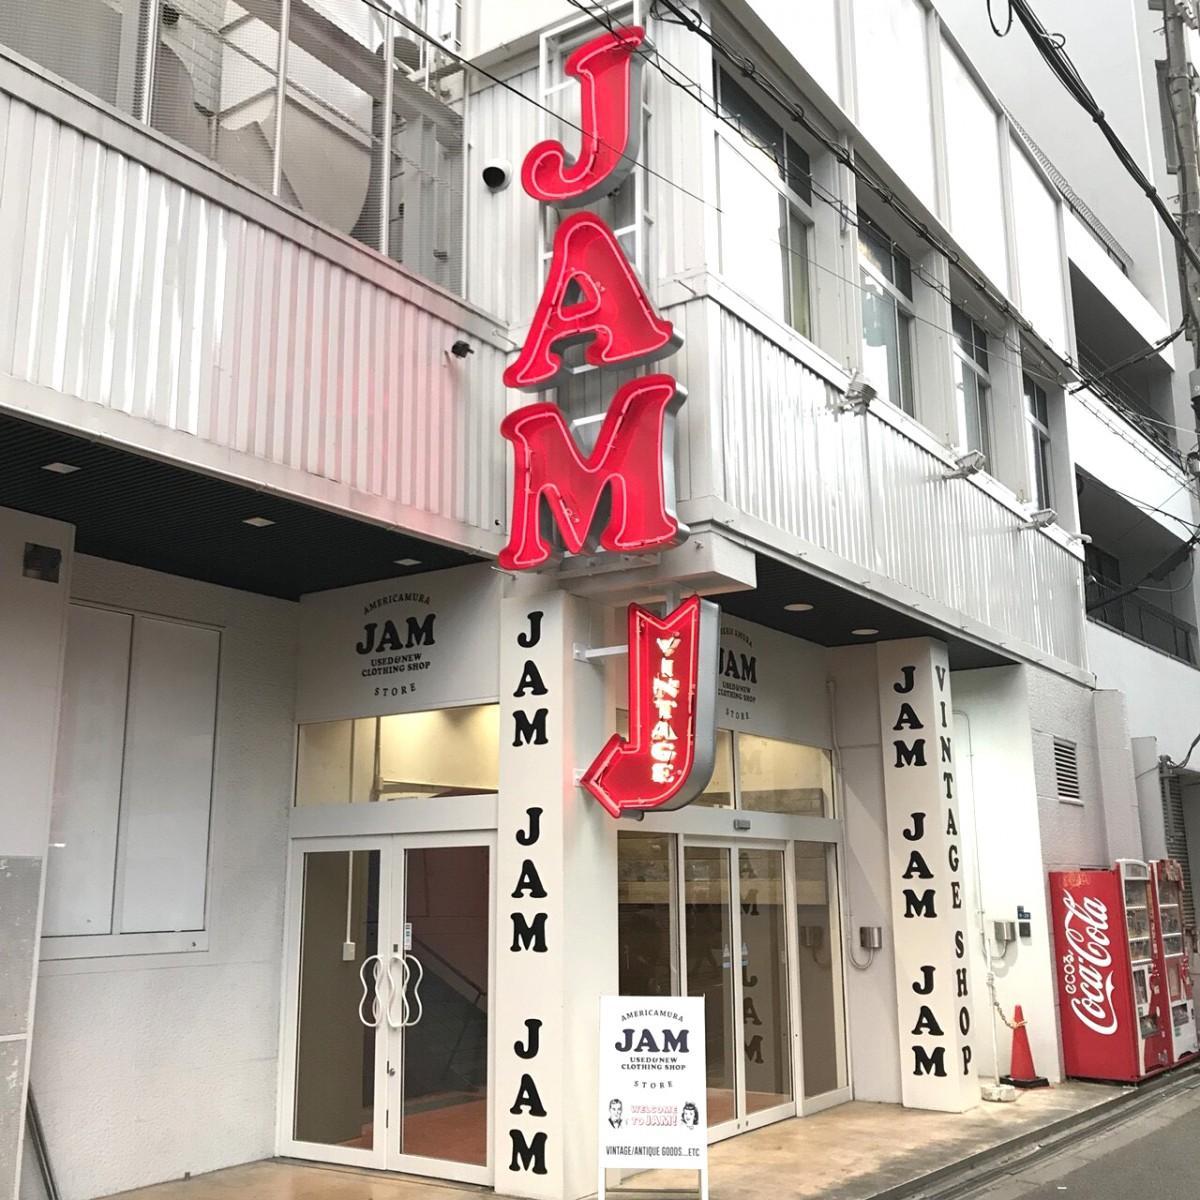 「JAM」の文字が目立つ店舗外観